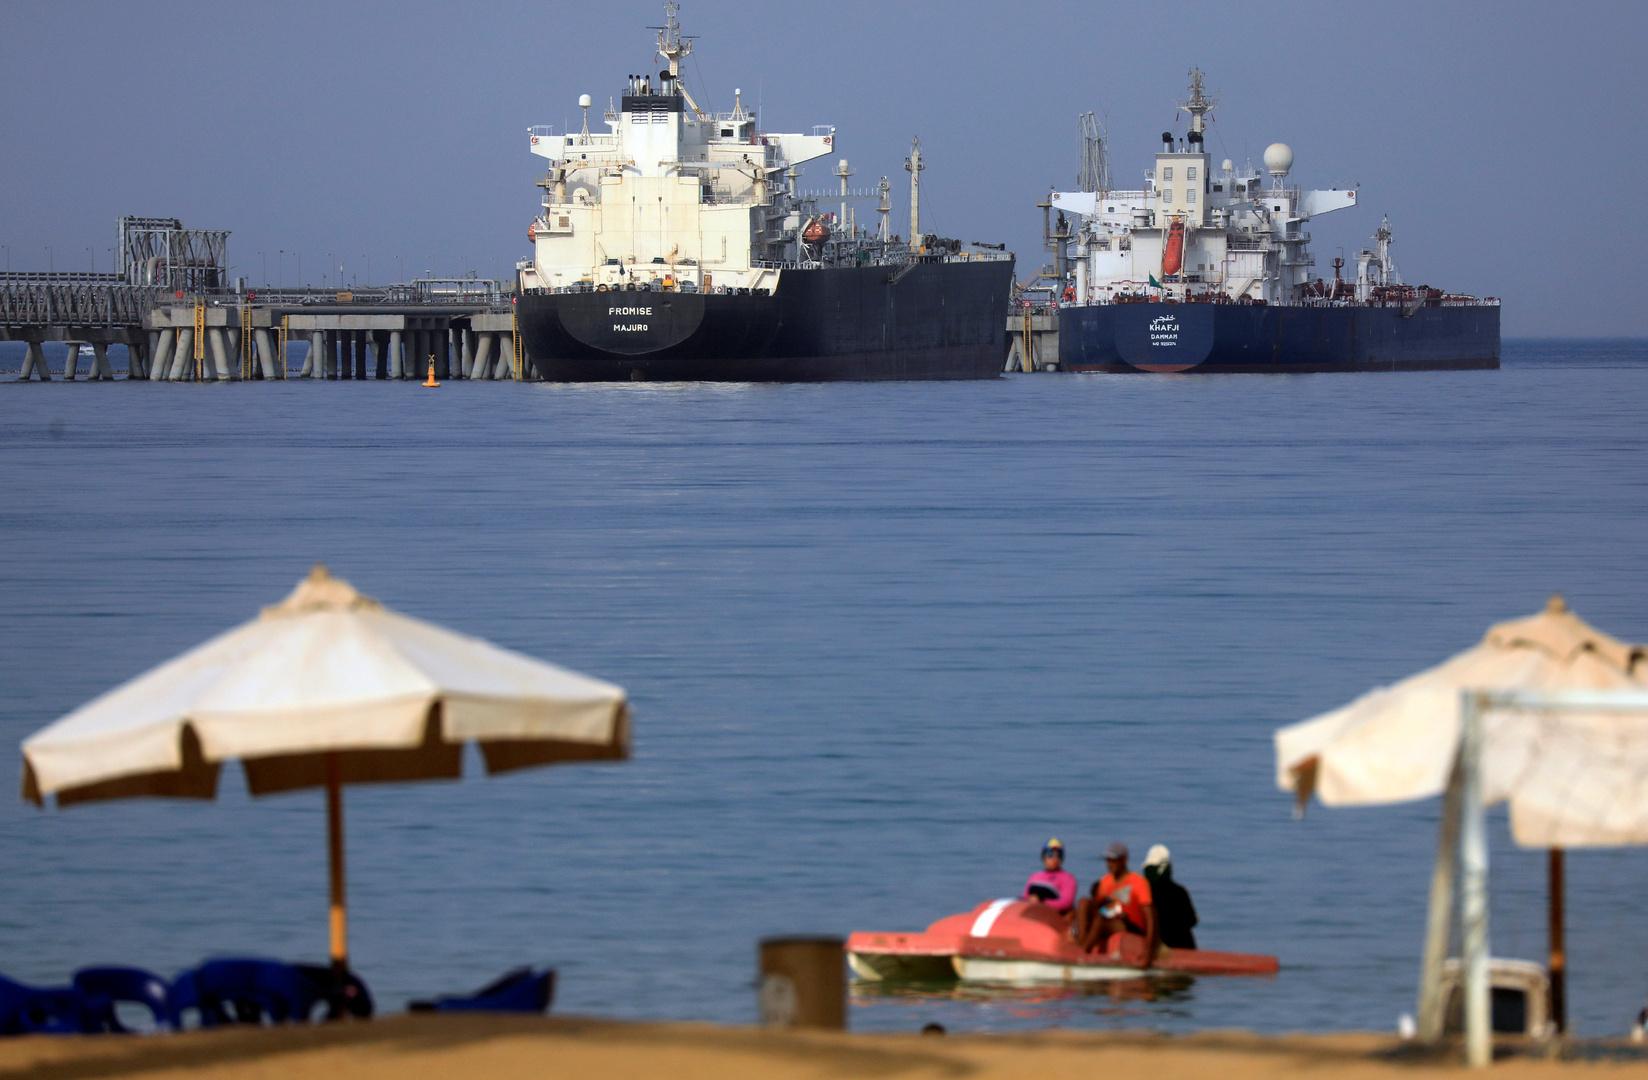 سفن  بالقرب من ميناء العين السخنة قبل دخول قناة السويس